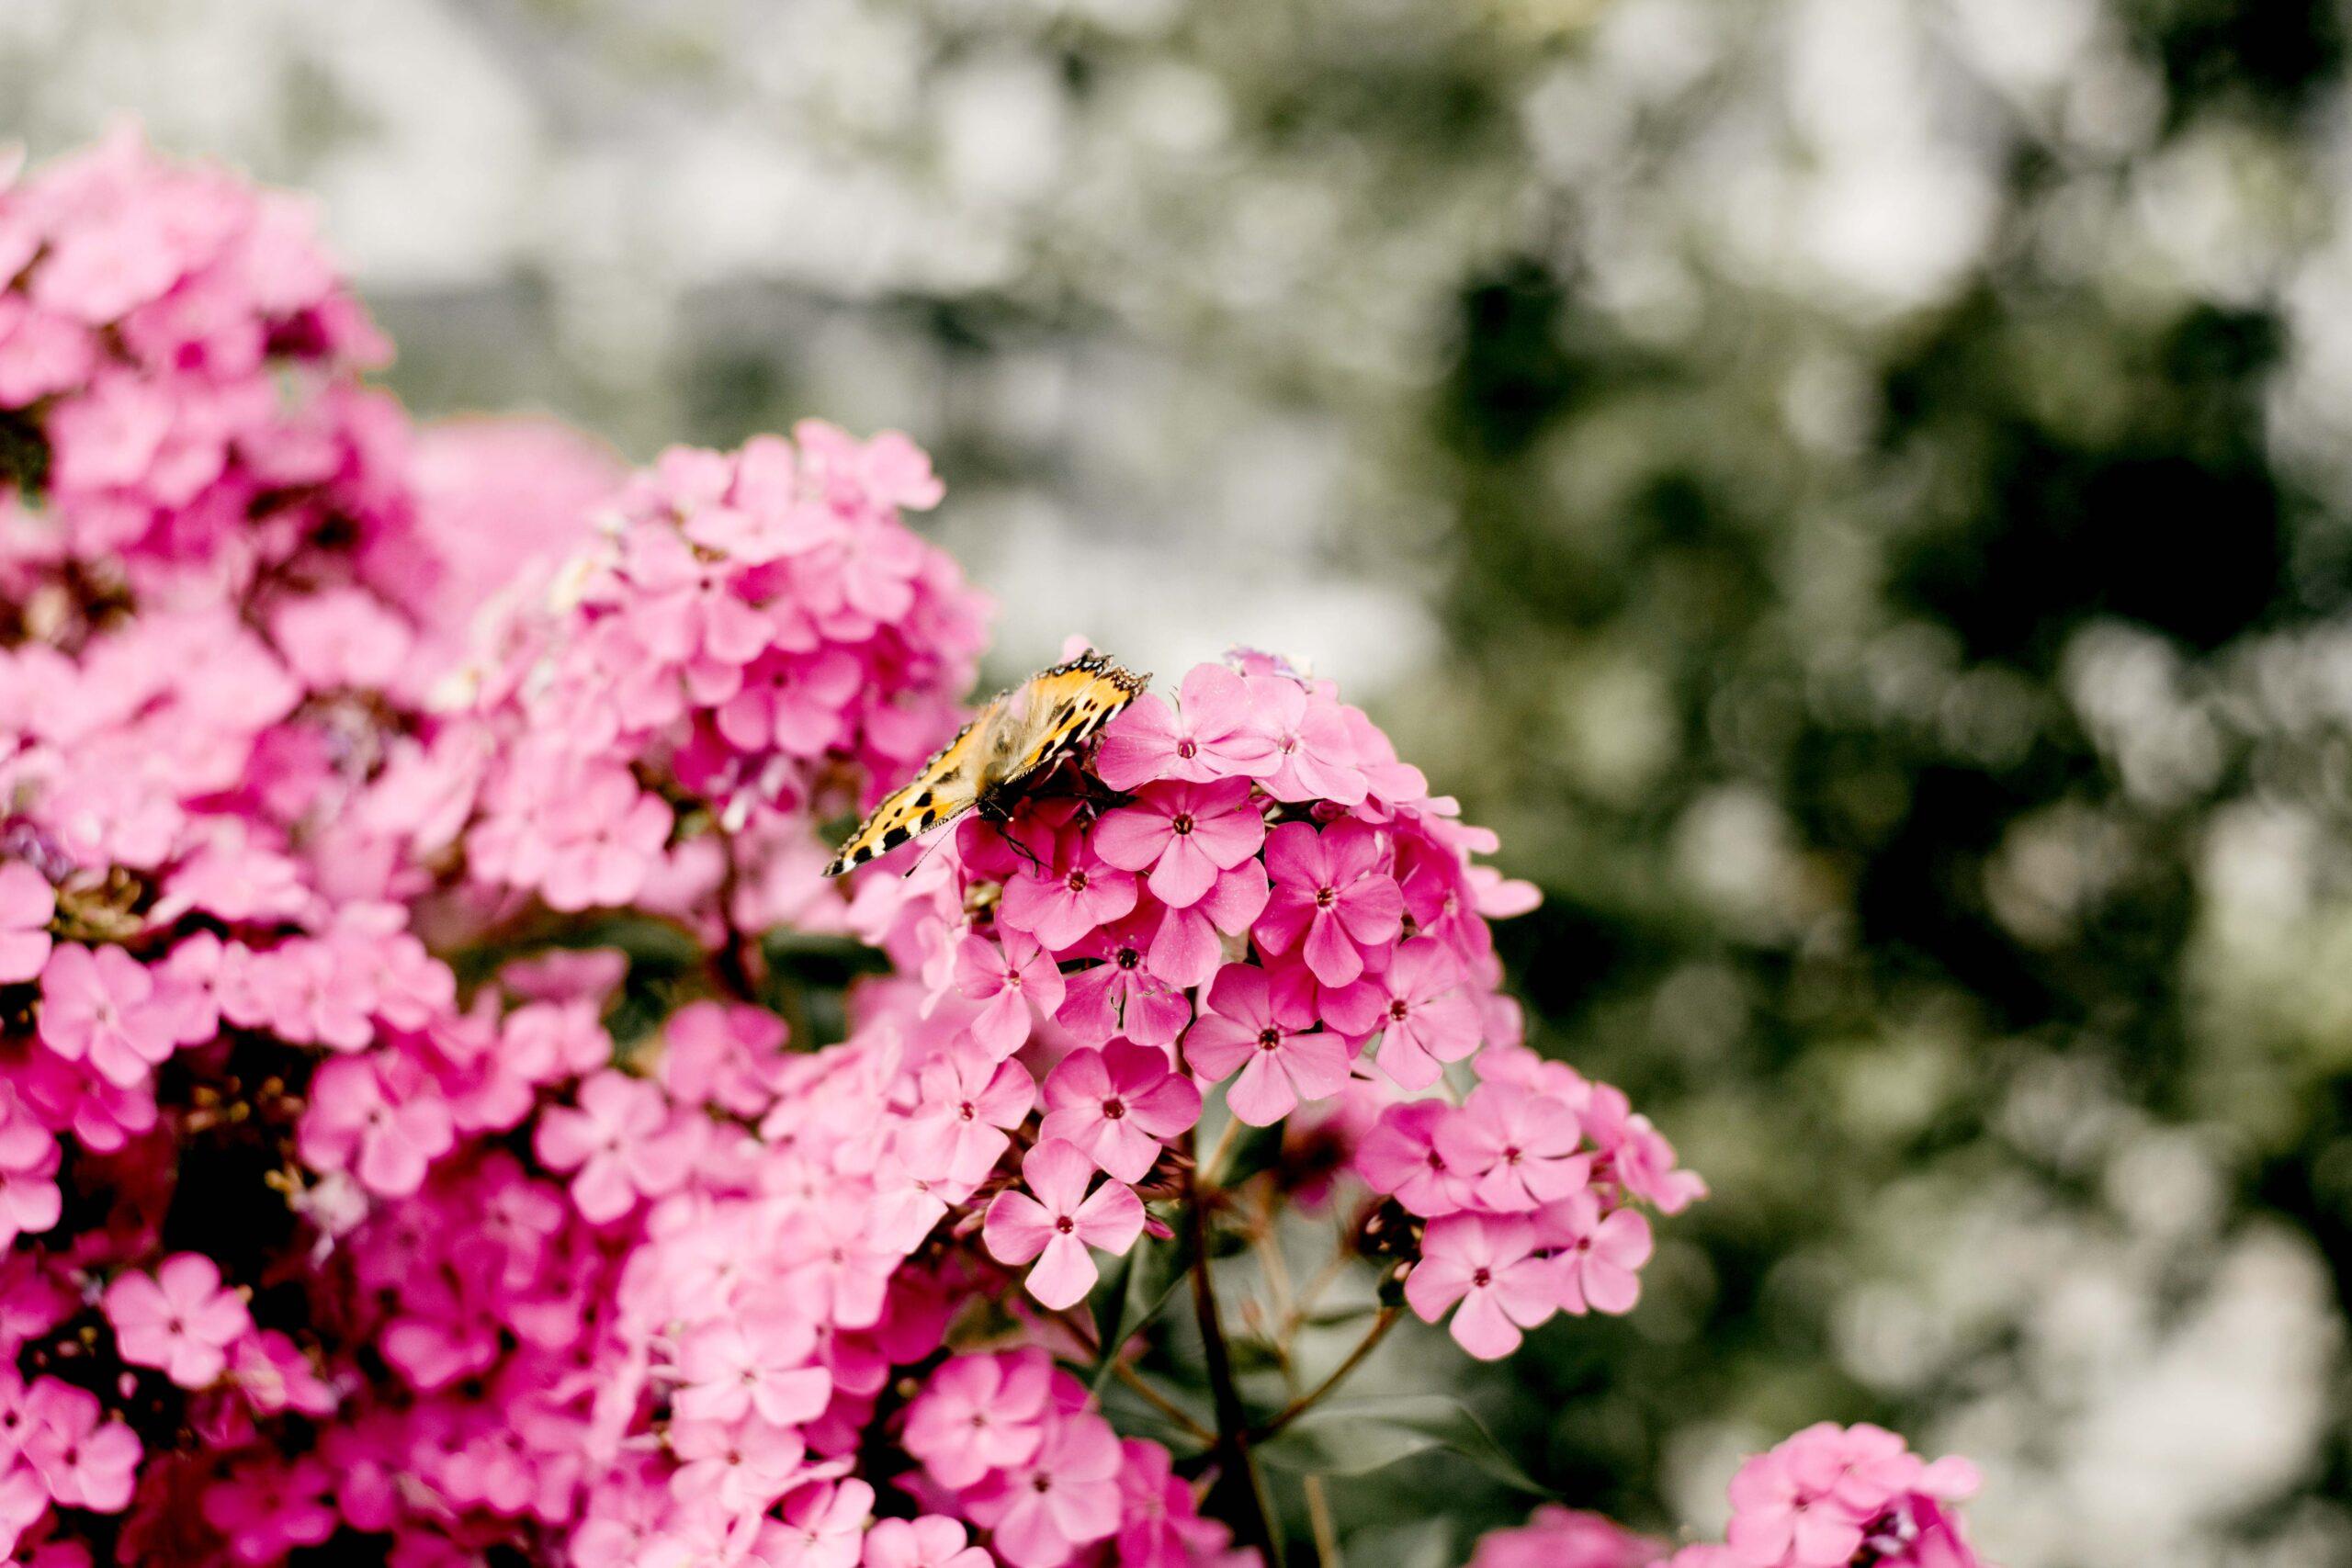 Pinke Blumen mit Schmetterling_2